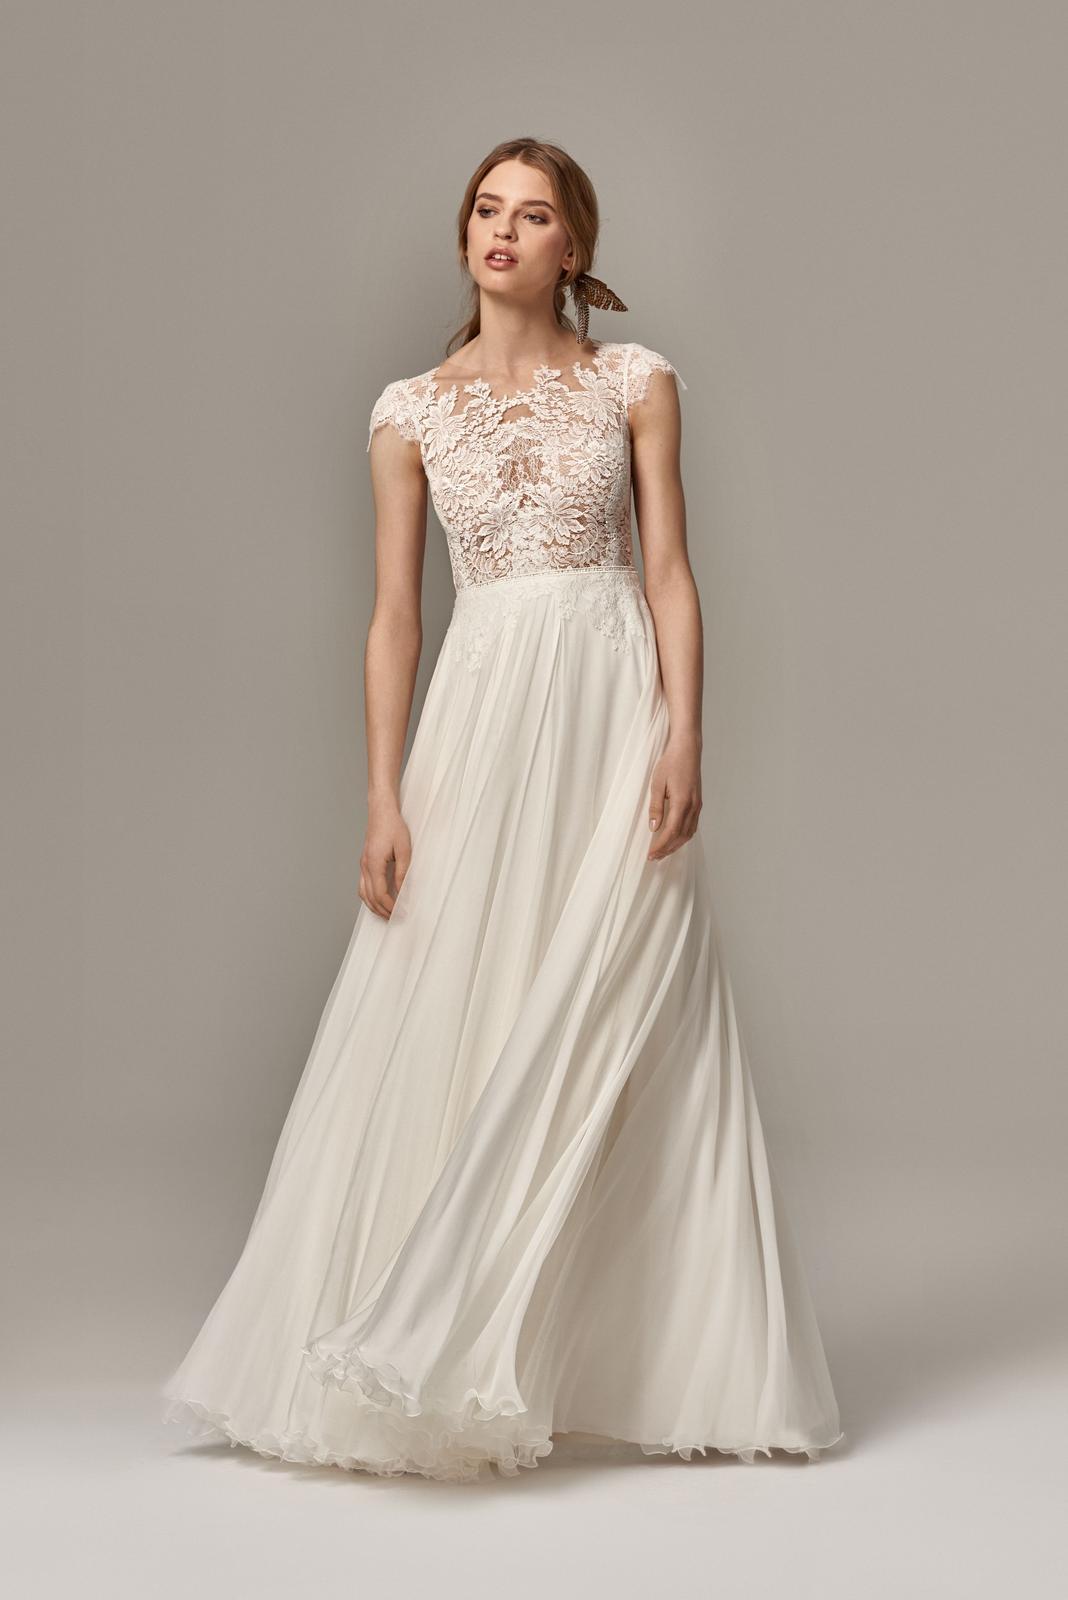 Anna Kara * Svadobné šaty z kolekcií na rok 2019 - Obrázok č. 32